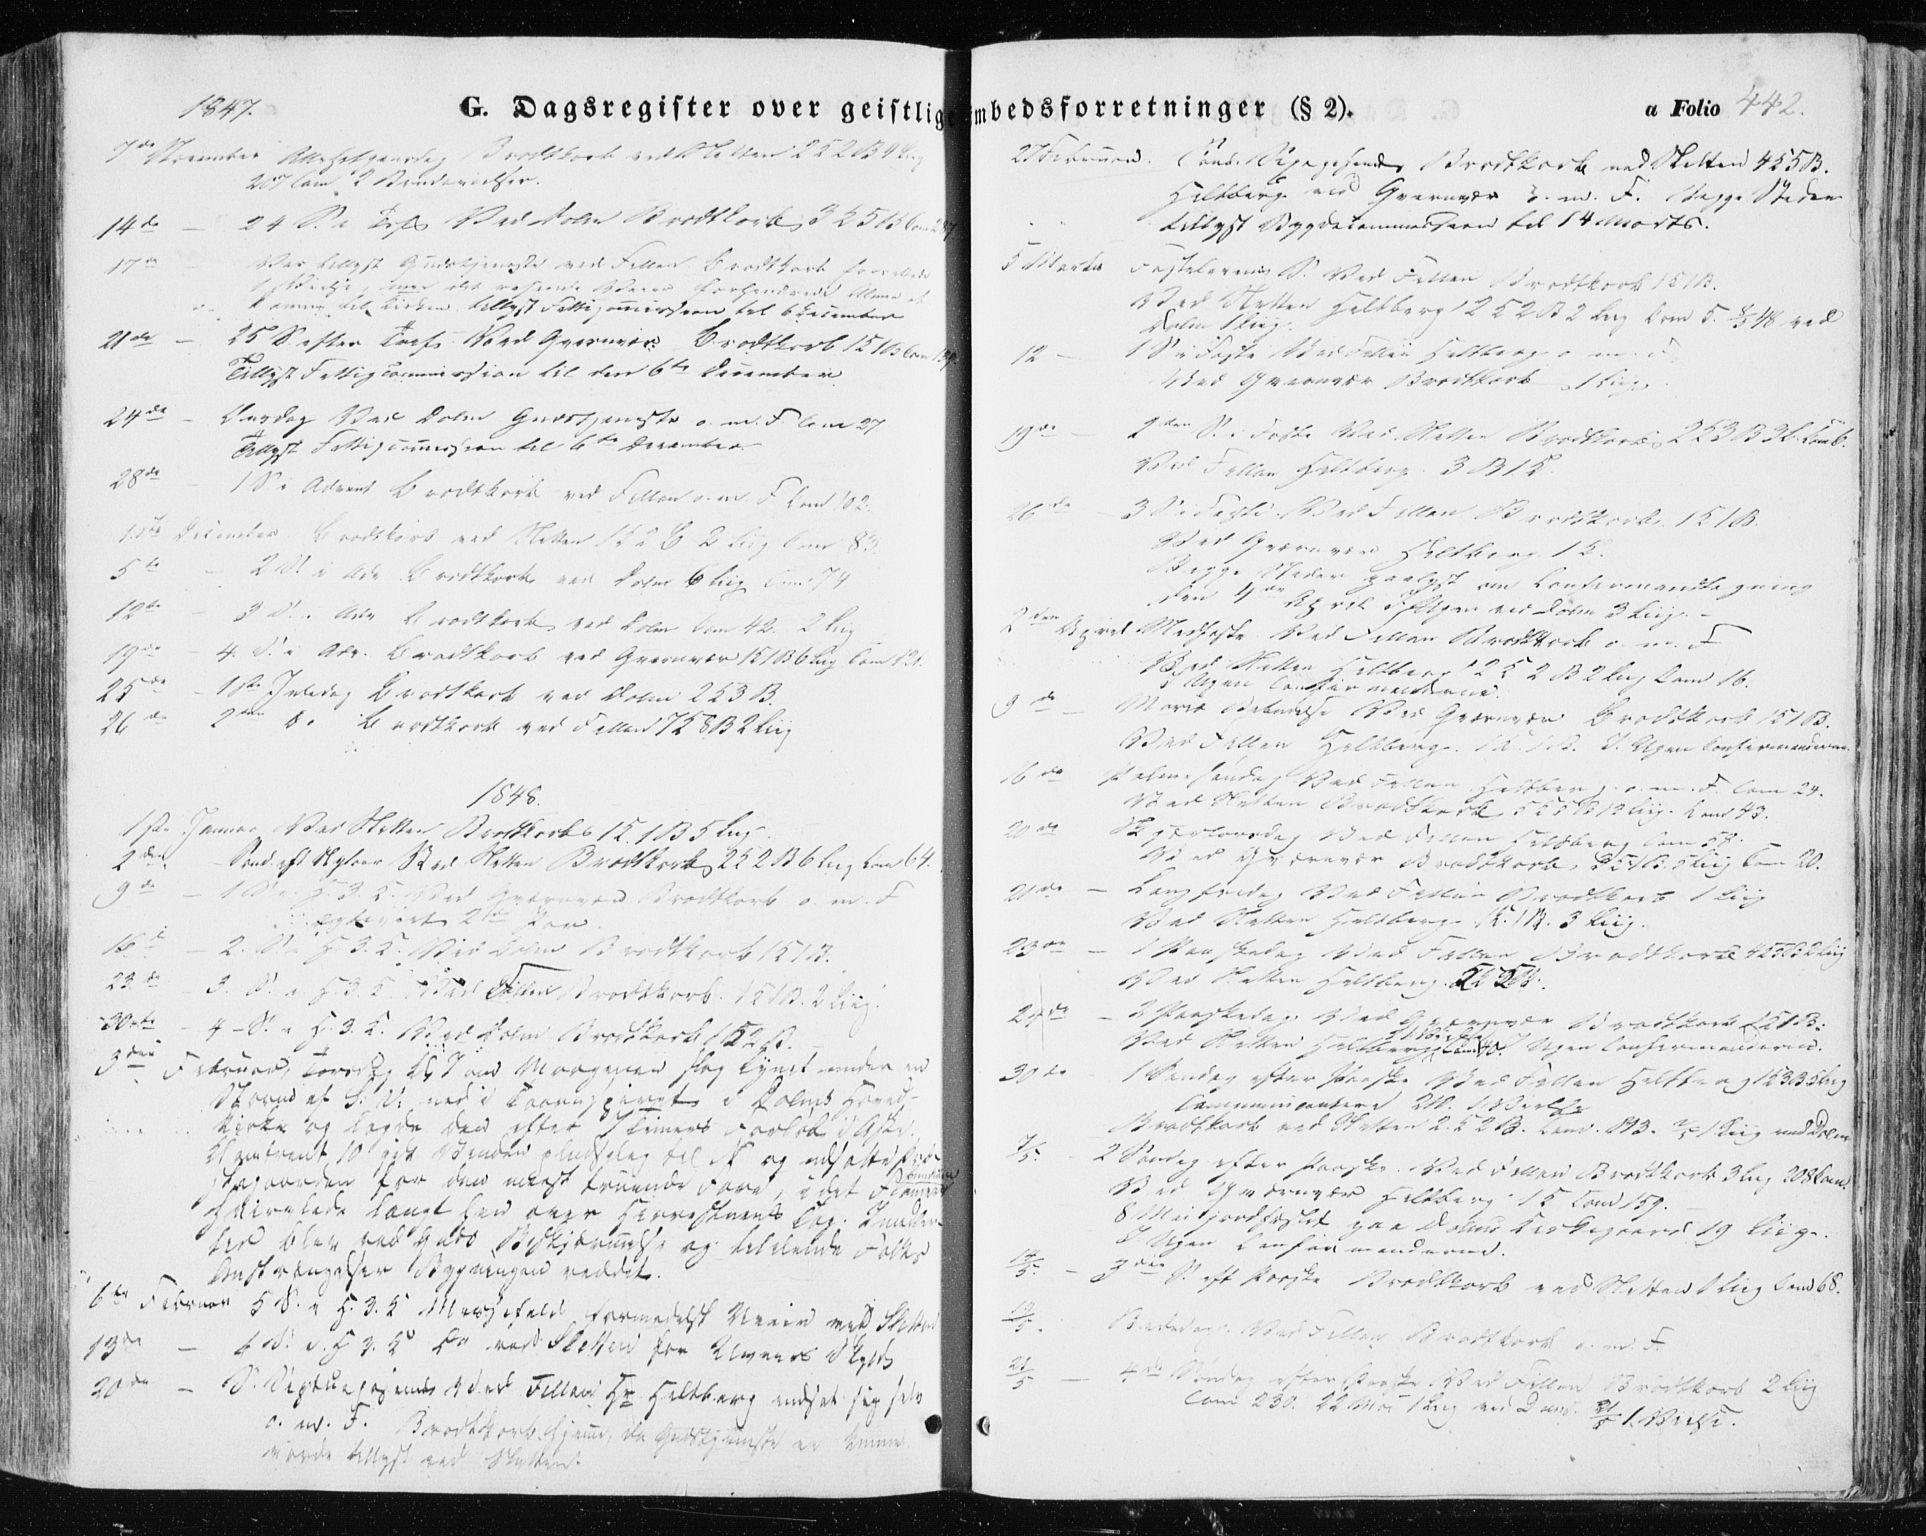 SAT, Ministerialprotokoller, klokkerbøker og fødselsregistre - Sør-Trøndelag, 634/L0529: Ministerialbok nr. 634A05, 1843-1851, s. 442